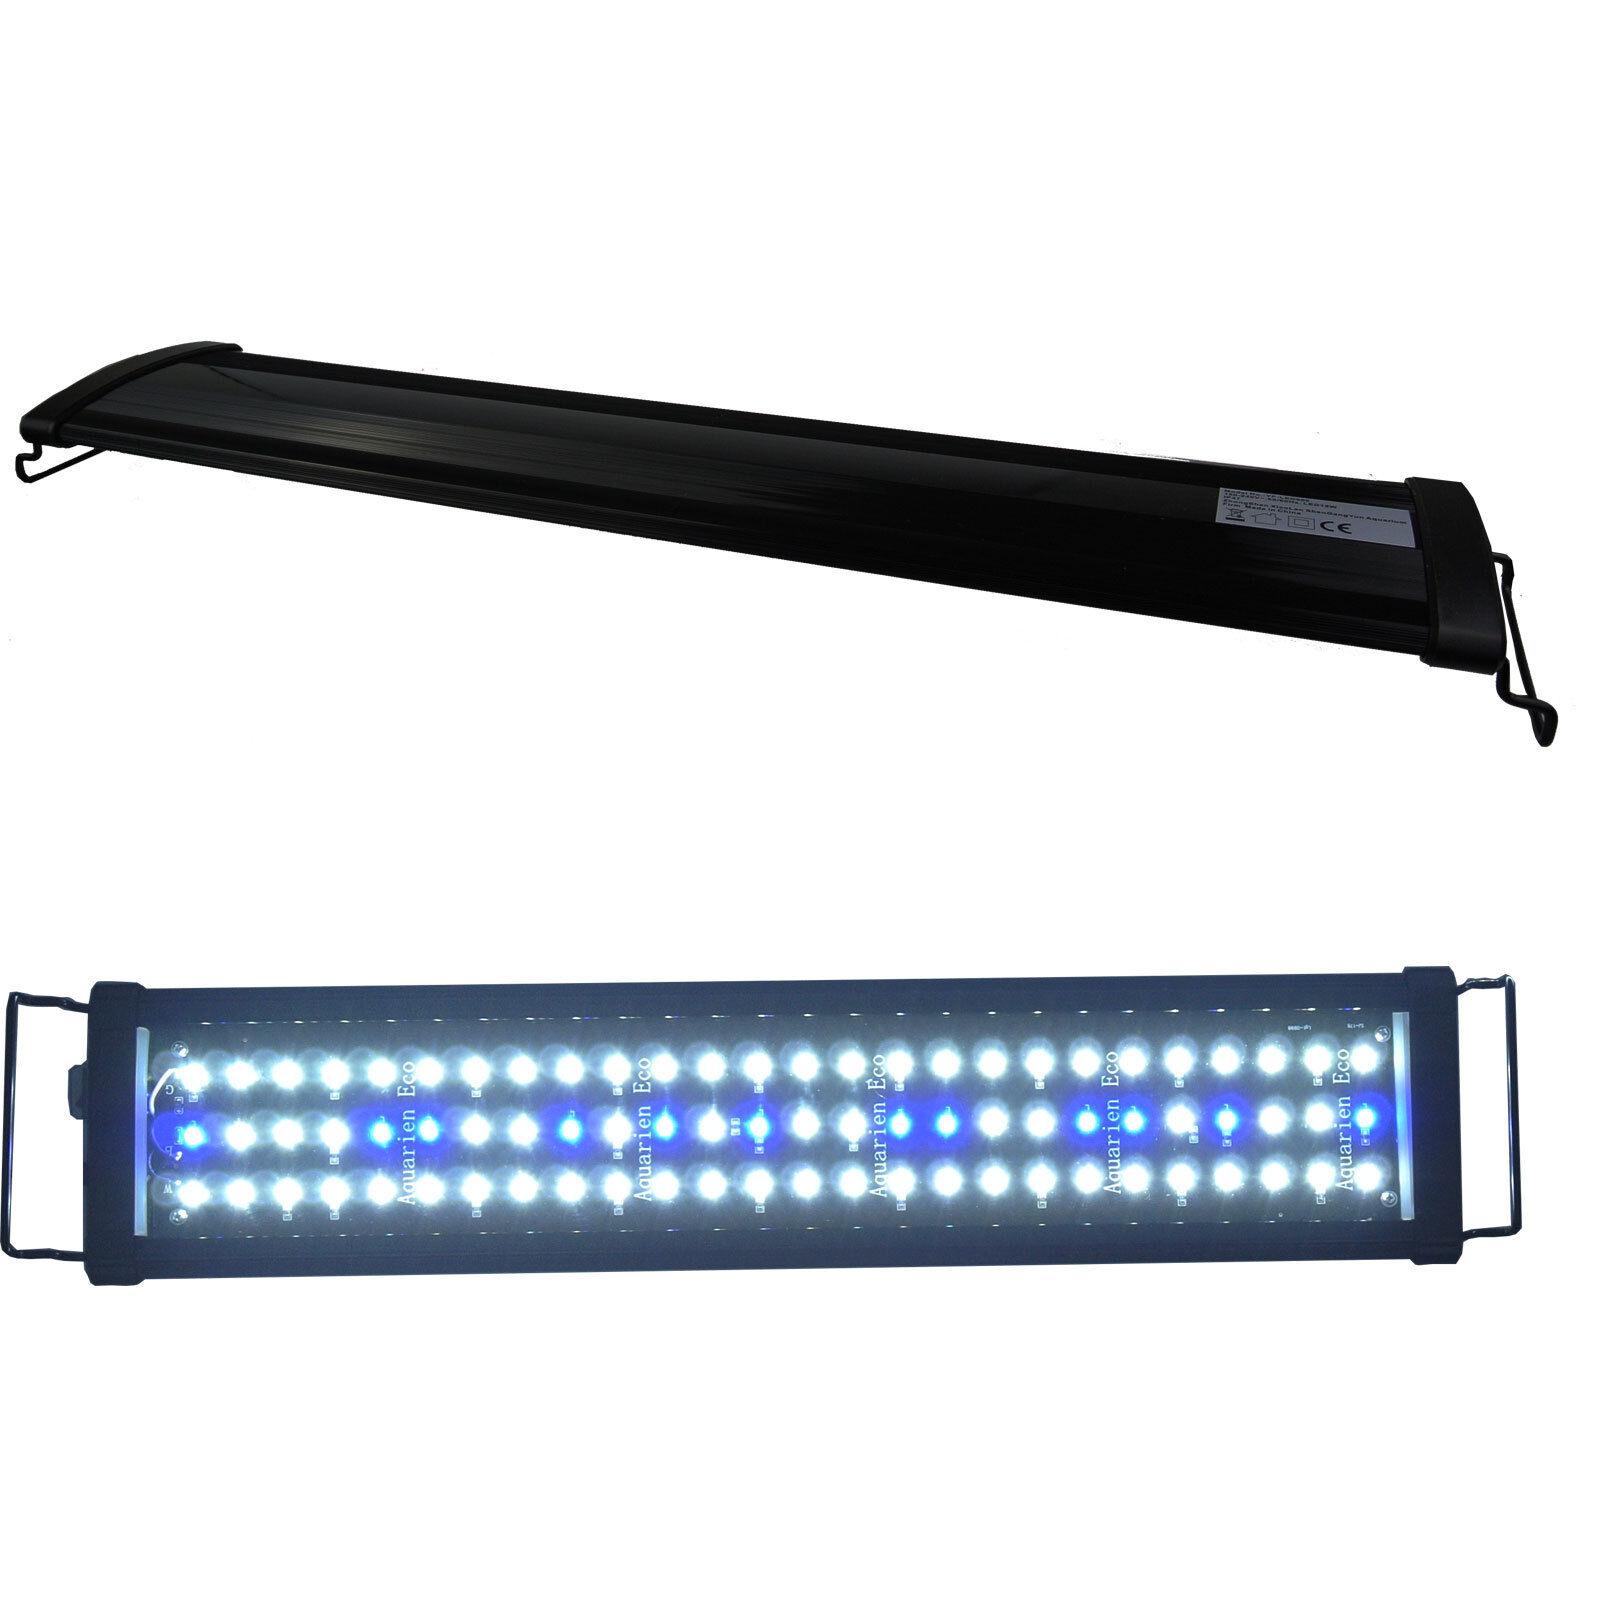 led beleuchtung aufsetzleuchte aquariumleuchte aquariumlampe 60 80 cm eur 29 99 picclick de. Black Bedroom Furniture Sets. Home Design Ideas